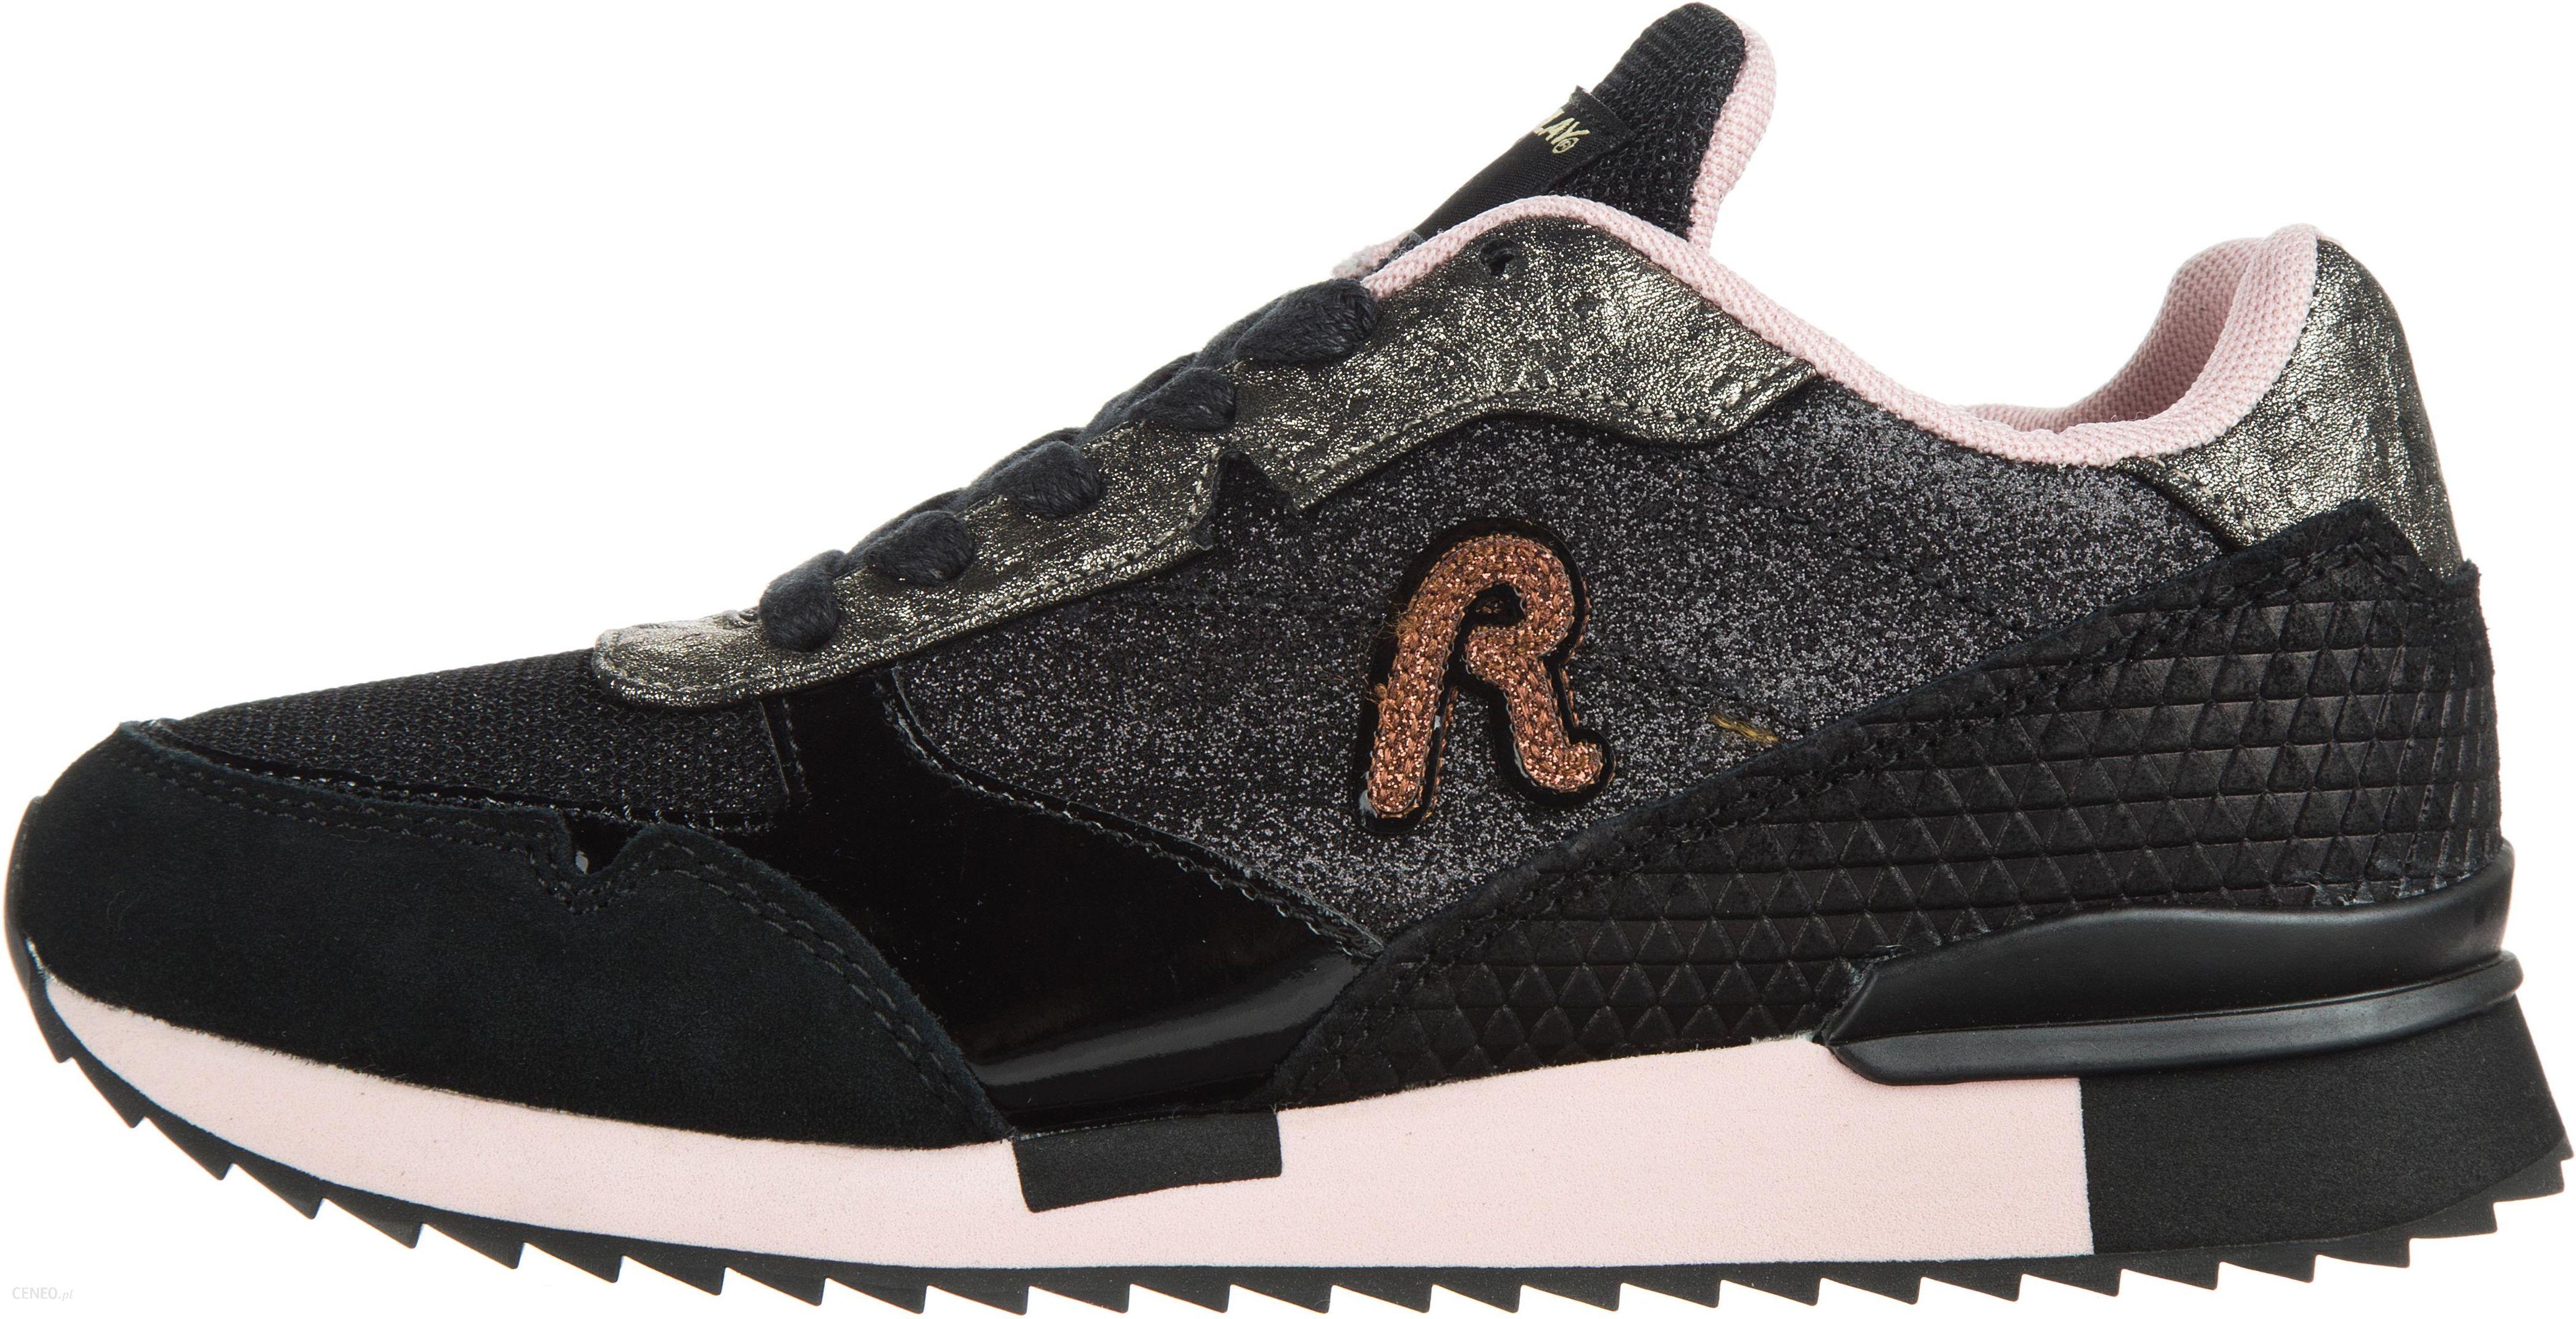 Męskie obuwie sportowe Producent: Nike, Producent: Replay